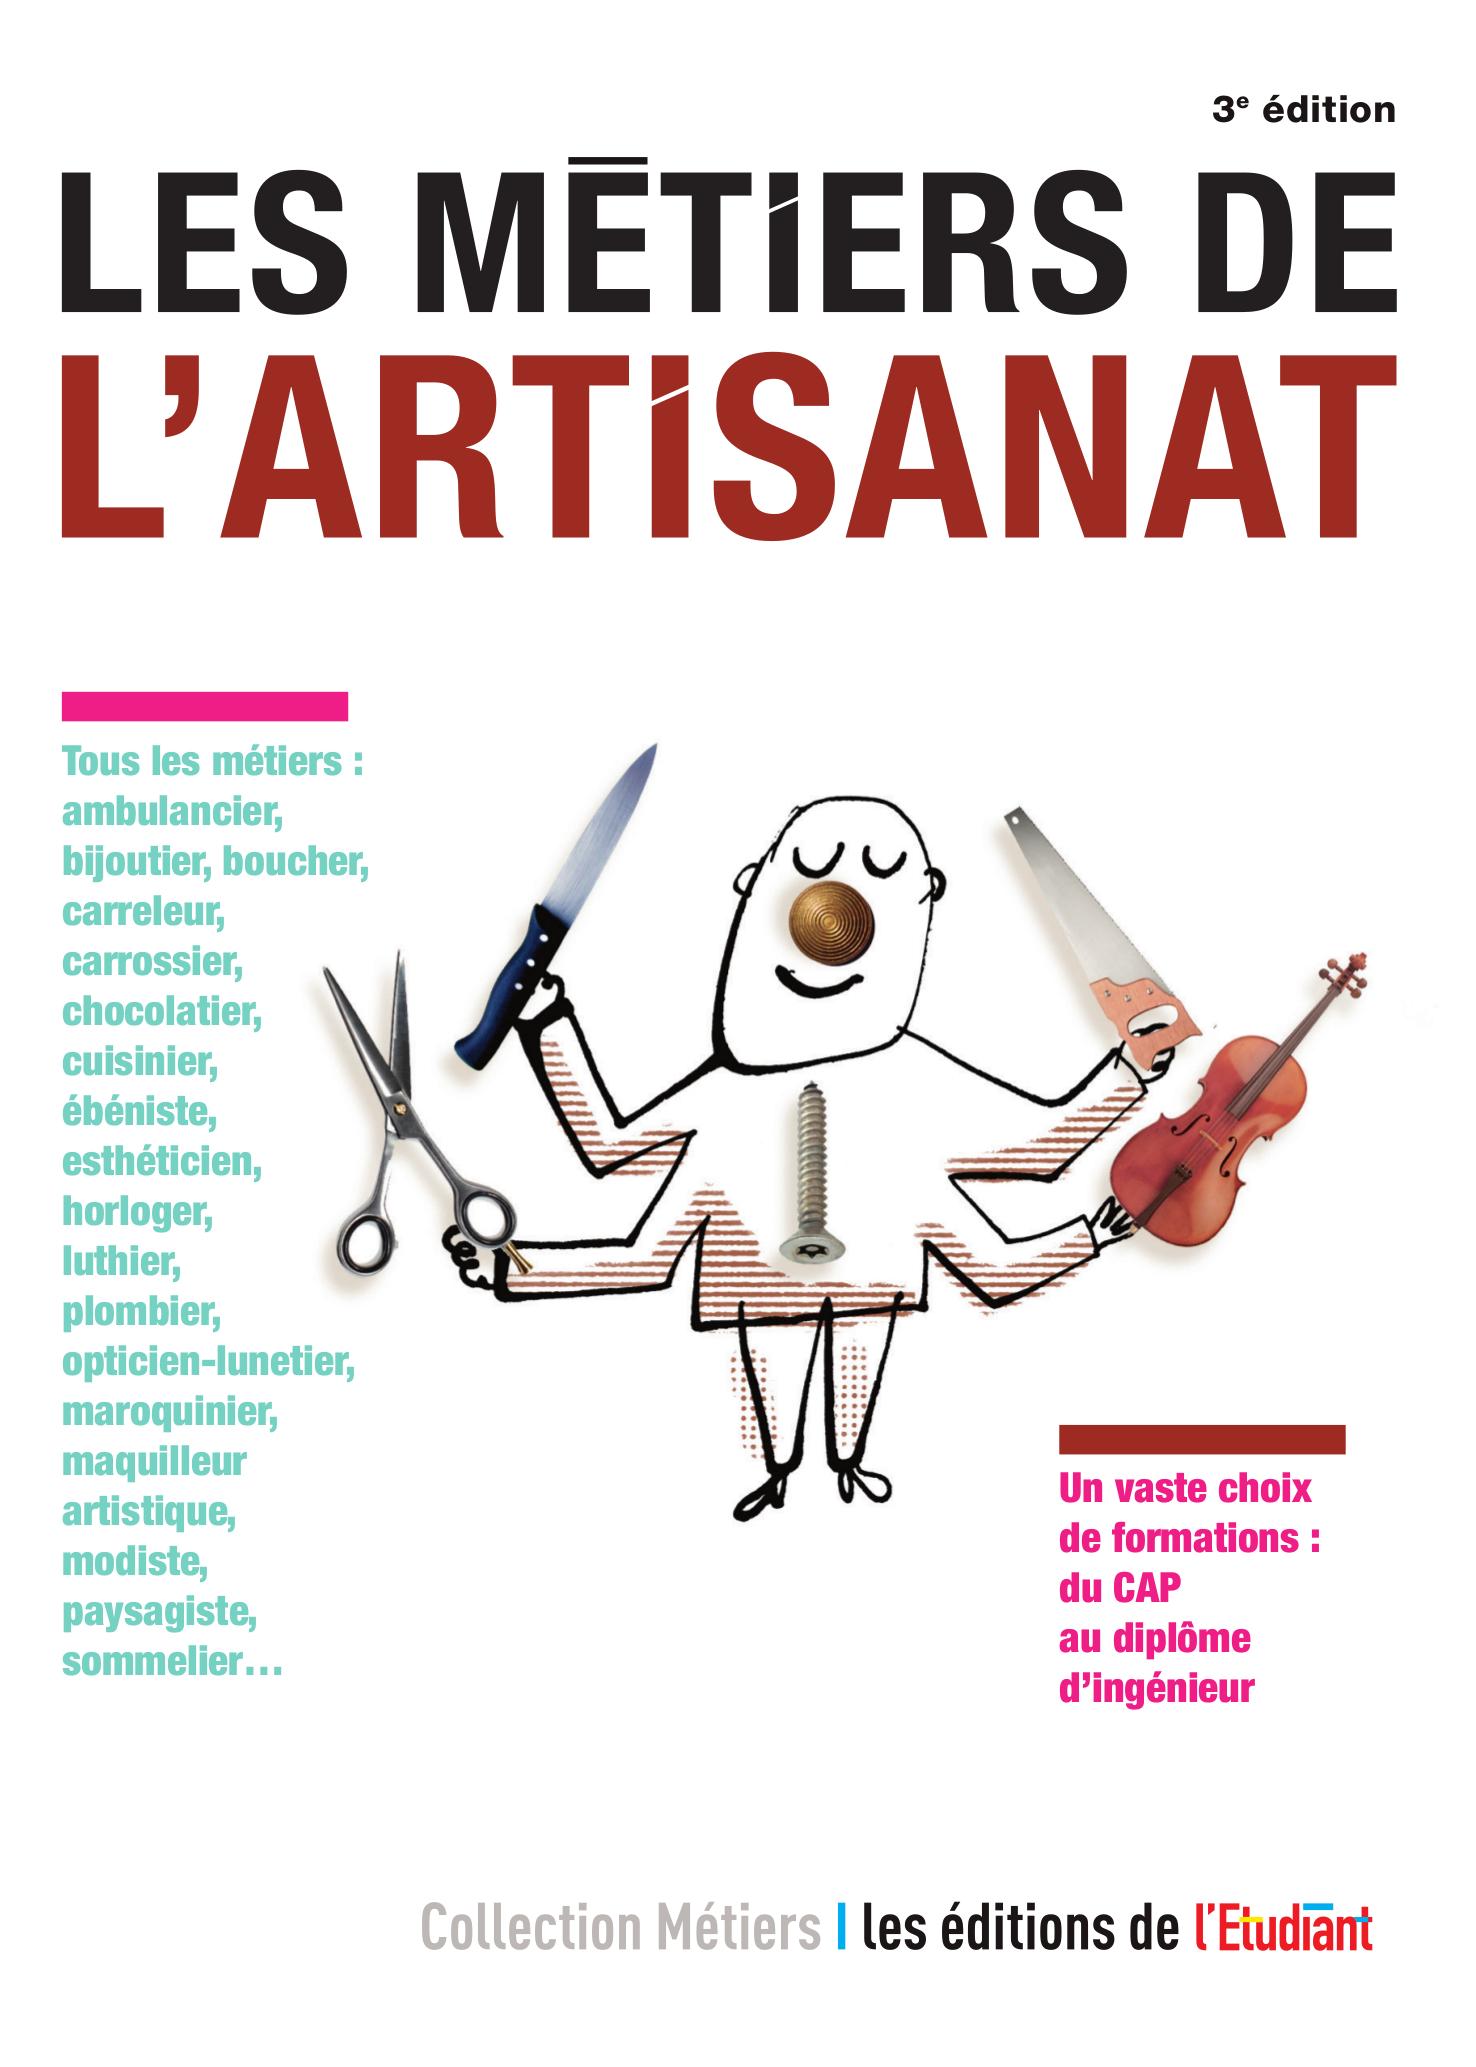 Les Métiers de l'artisanat - - Daisy Le Corre (EAN13 : 9782817606255 ...